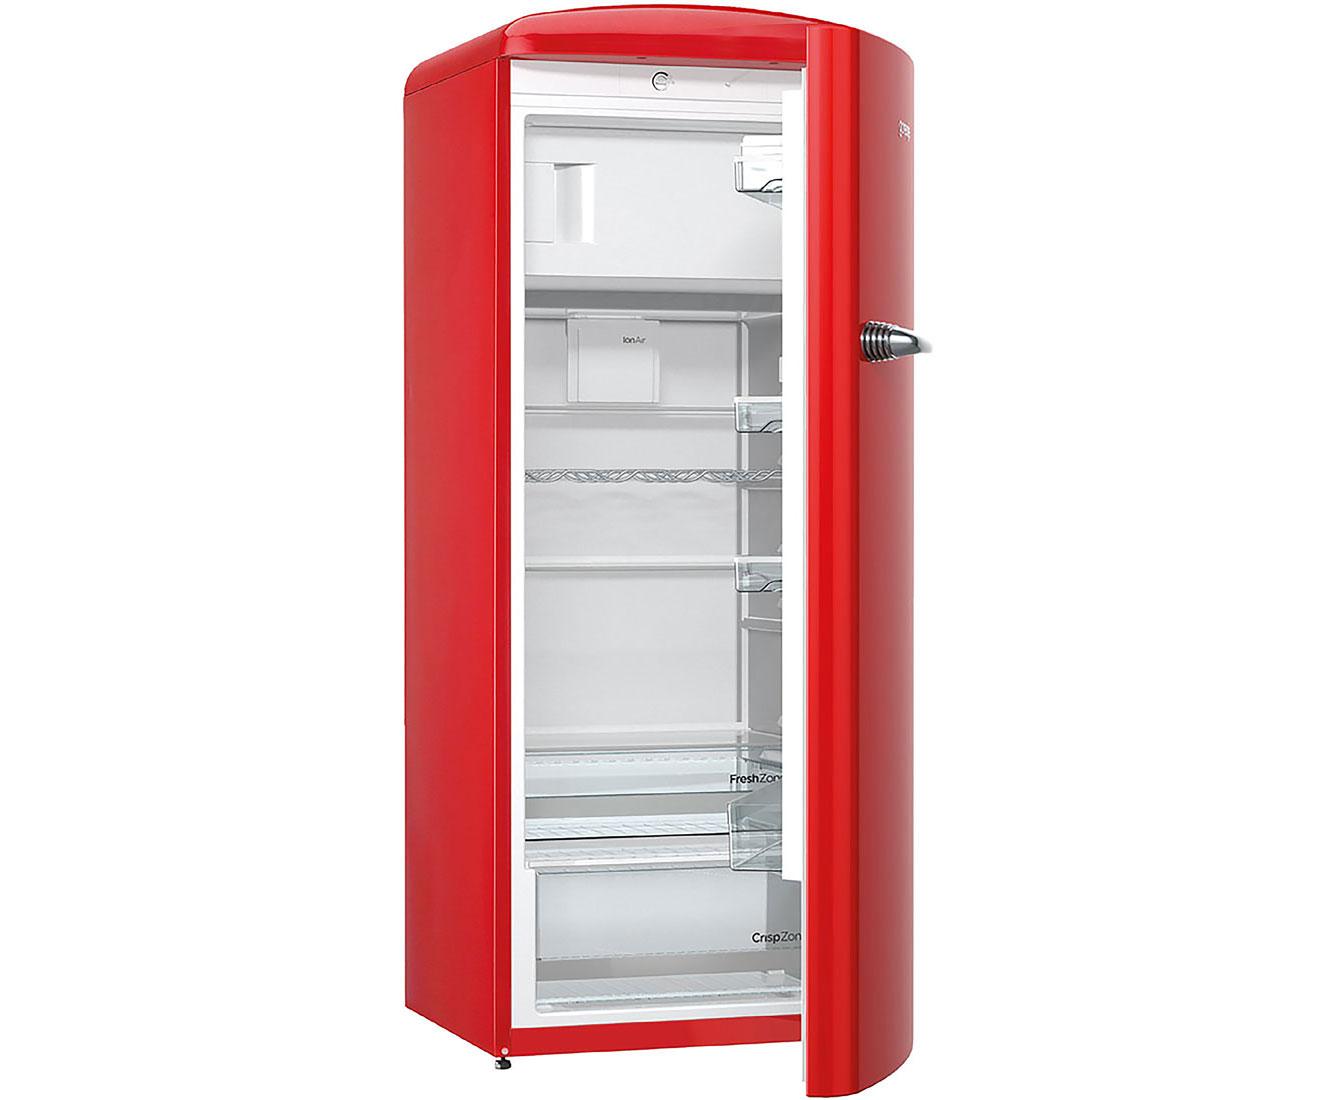 Retro Kühlschrank Rot Gorenje : Gorenje retro collection orb rd kühlschrank mit gefrierfach